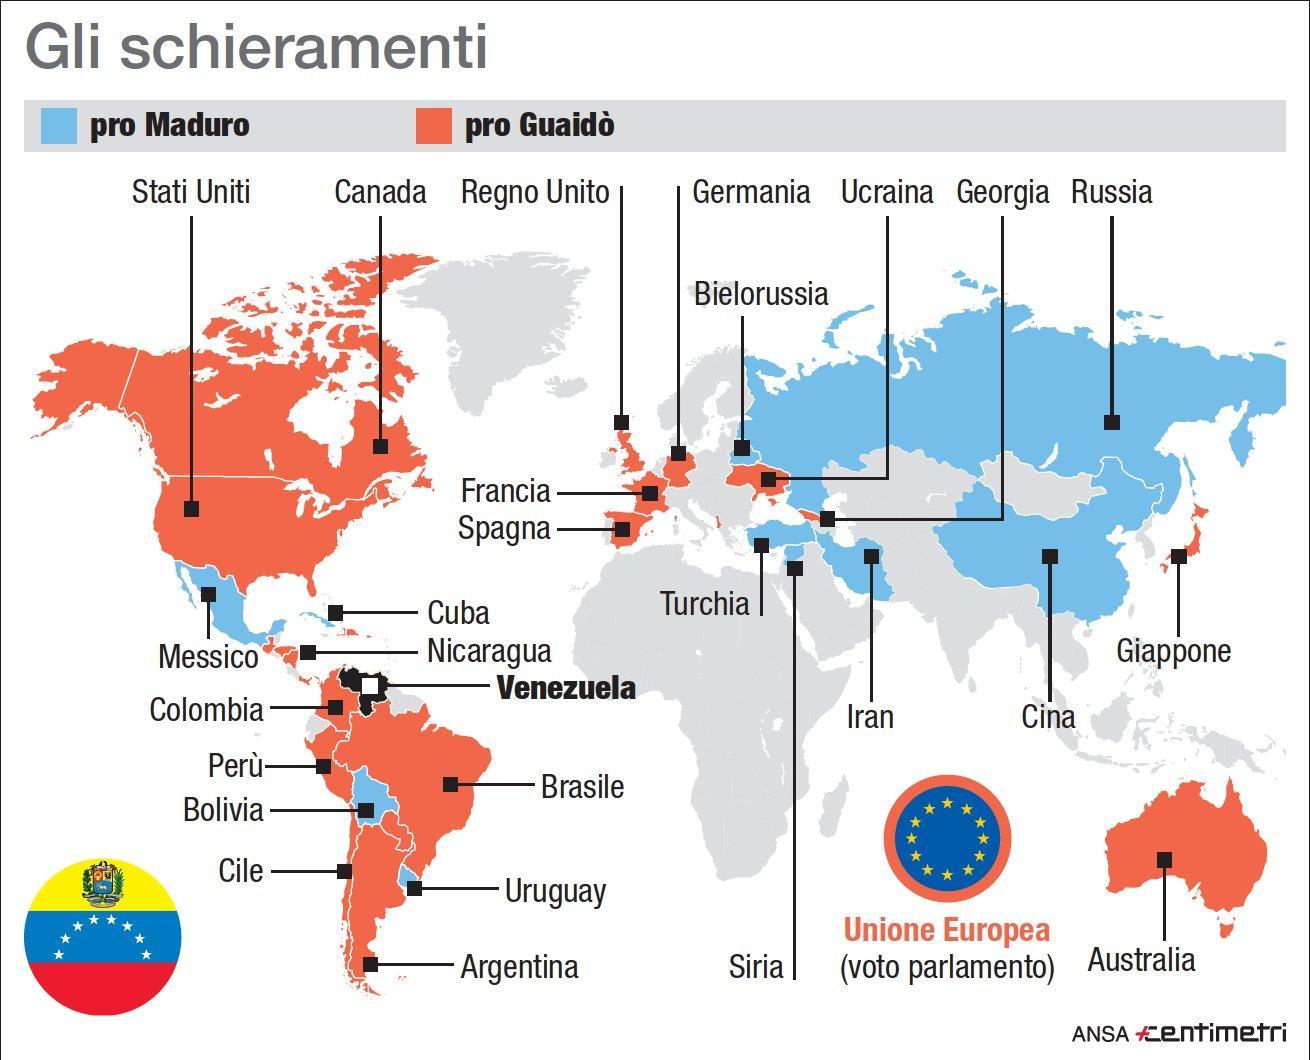 Venezuela, mappa dei governi pro e contro Maduro